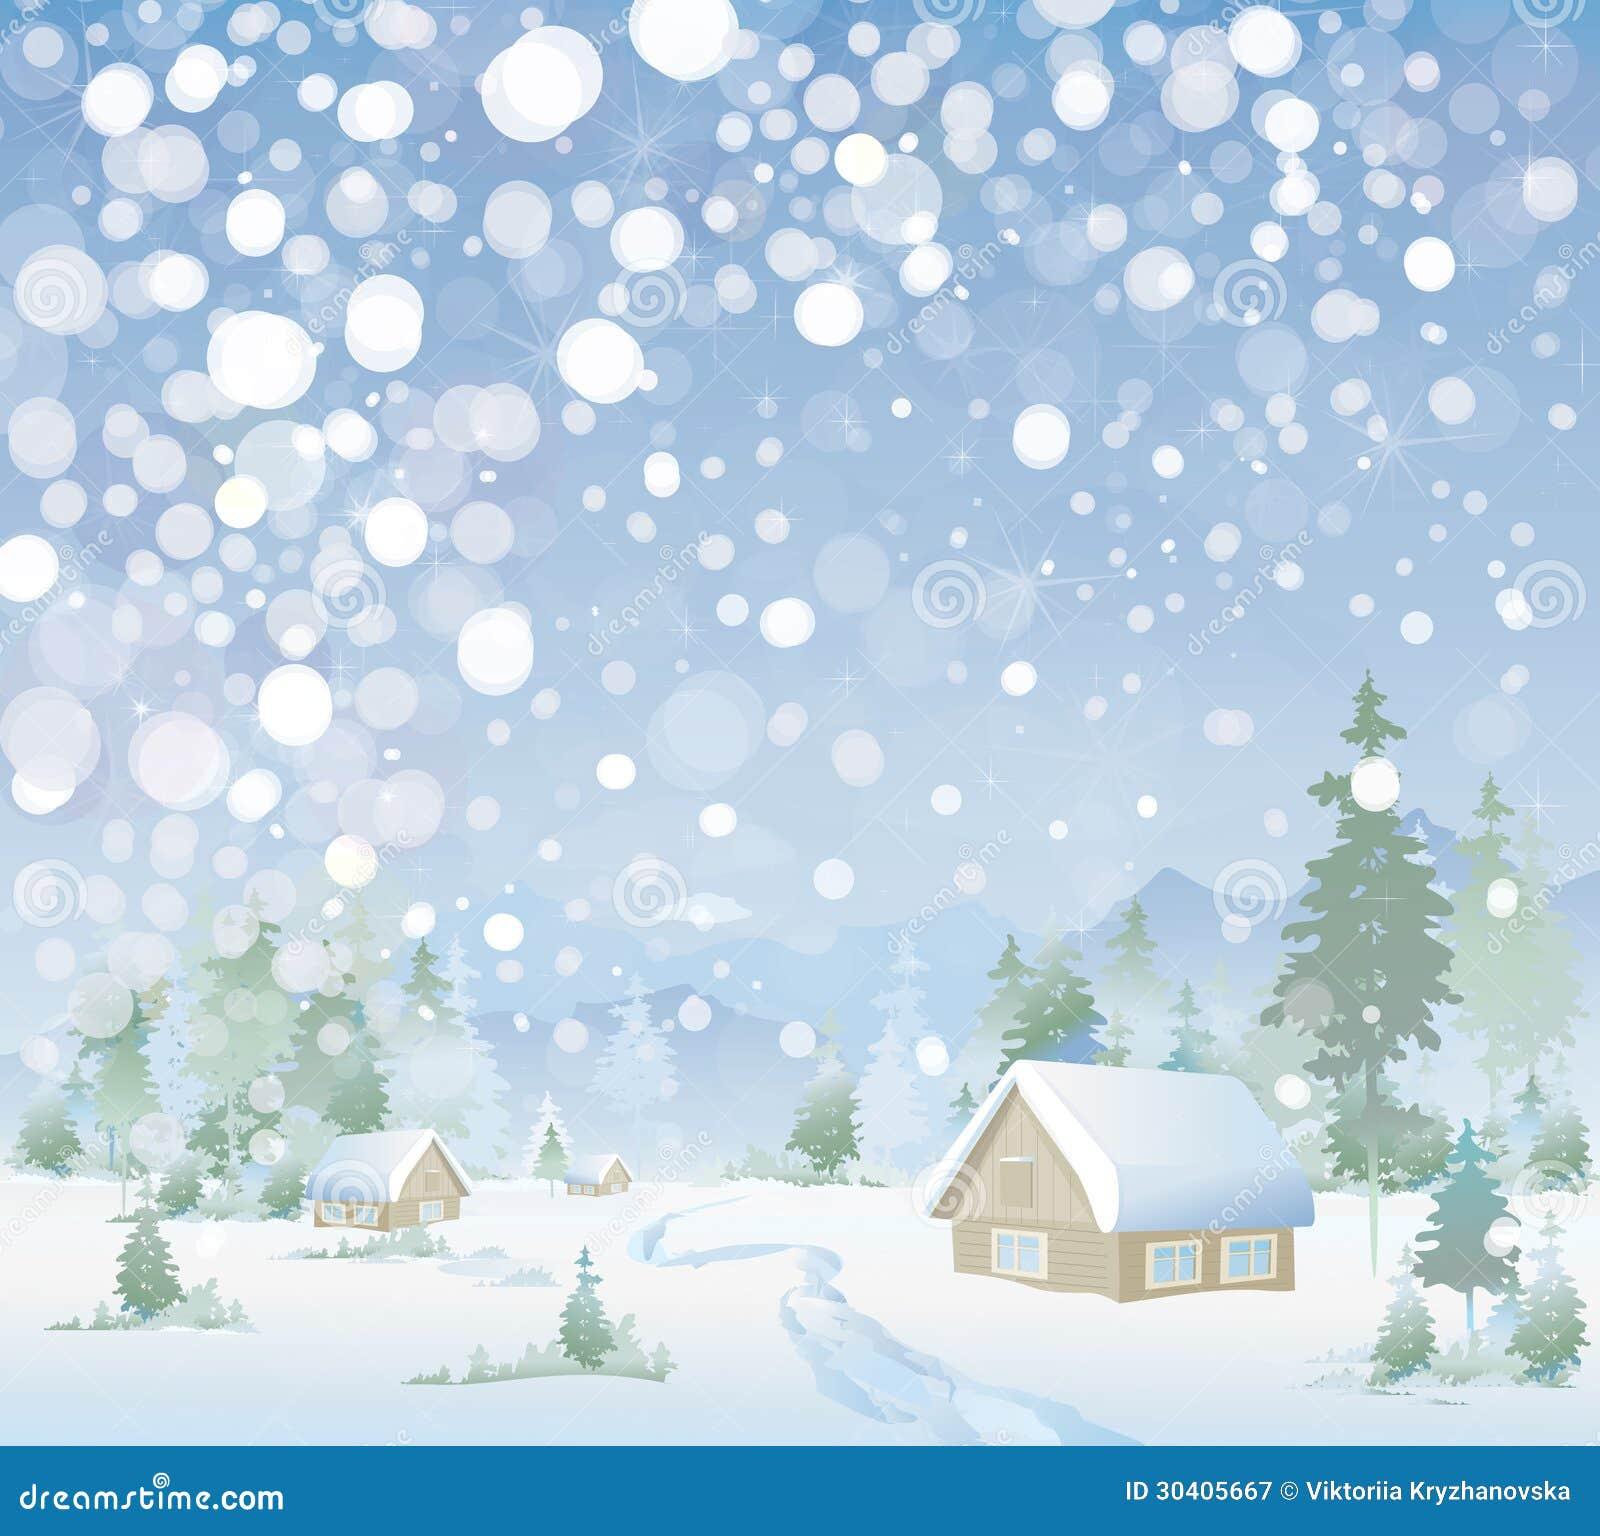 vektor der winterlandschaft frohe weihnachten vektor. Black Bedroom Furniture Sets. Home Design Ideas